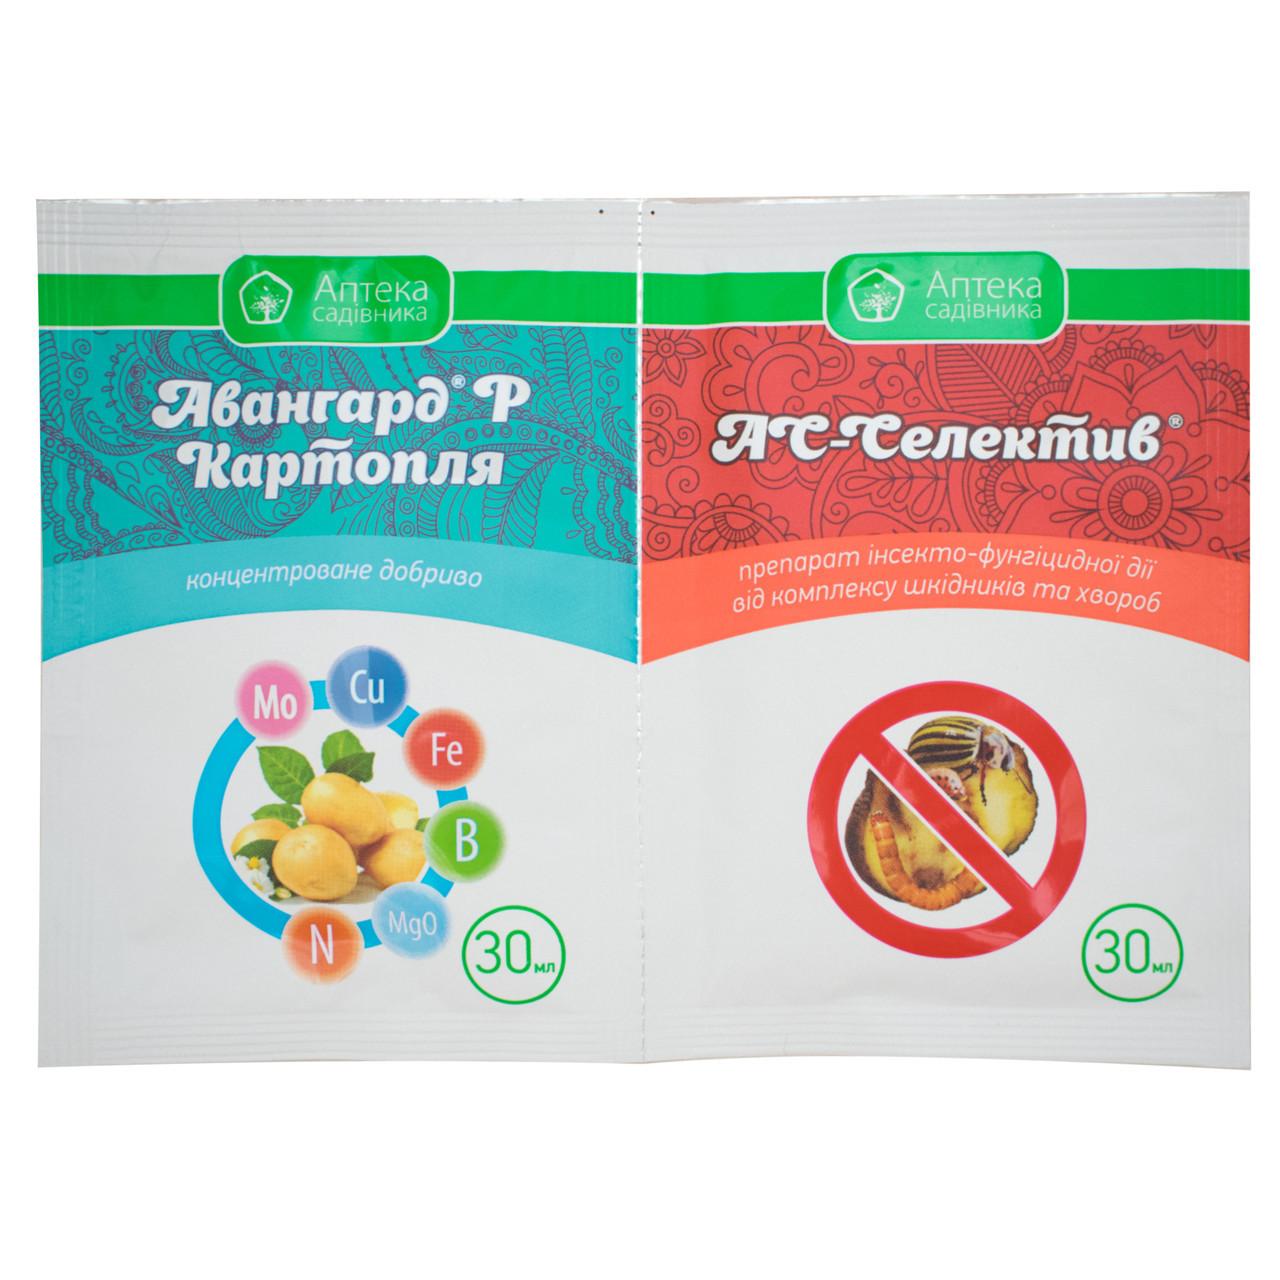 АС Селектив Профи 30 мл + Авангард 30 мл 17972 Укравит